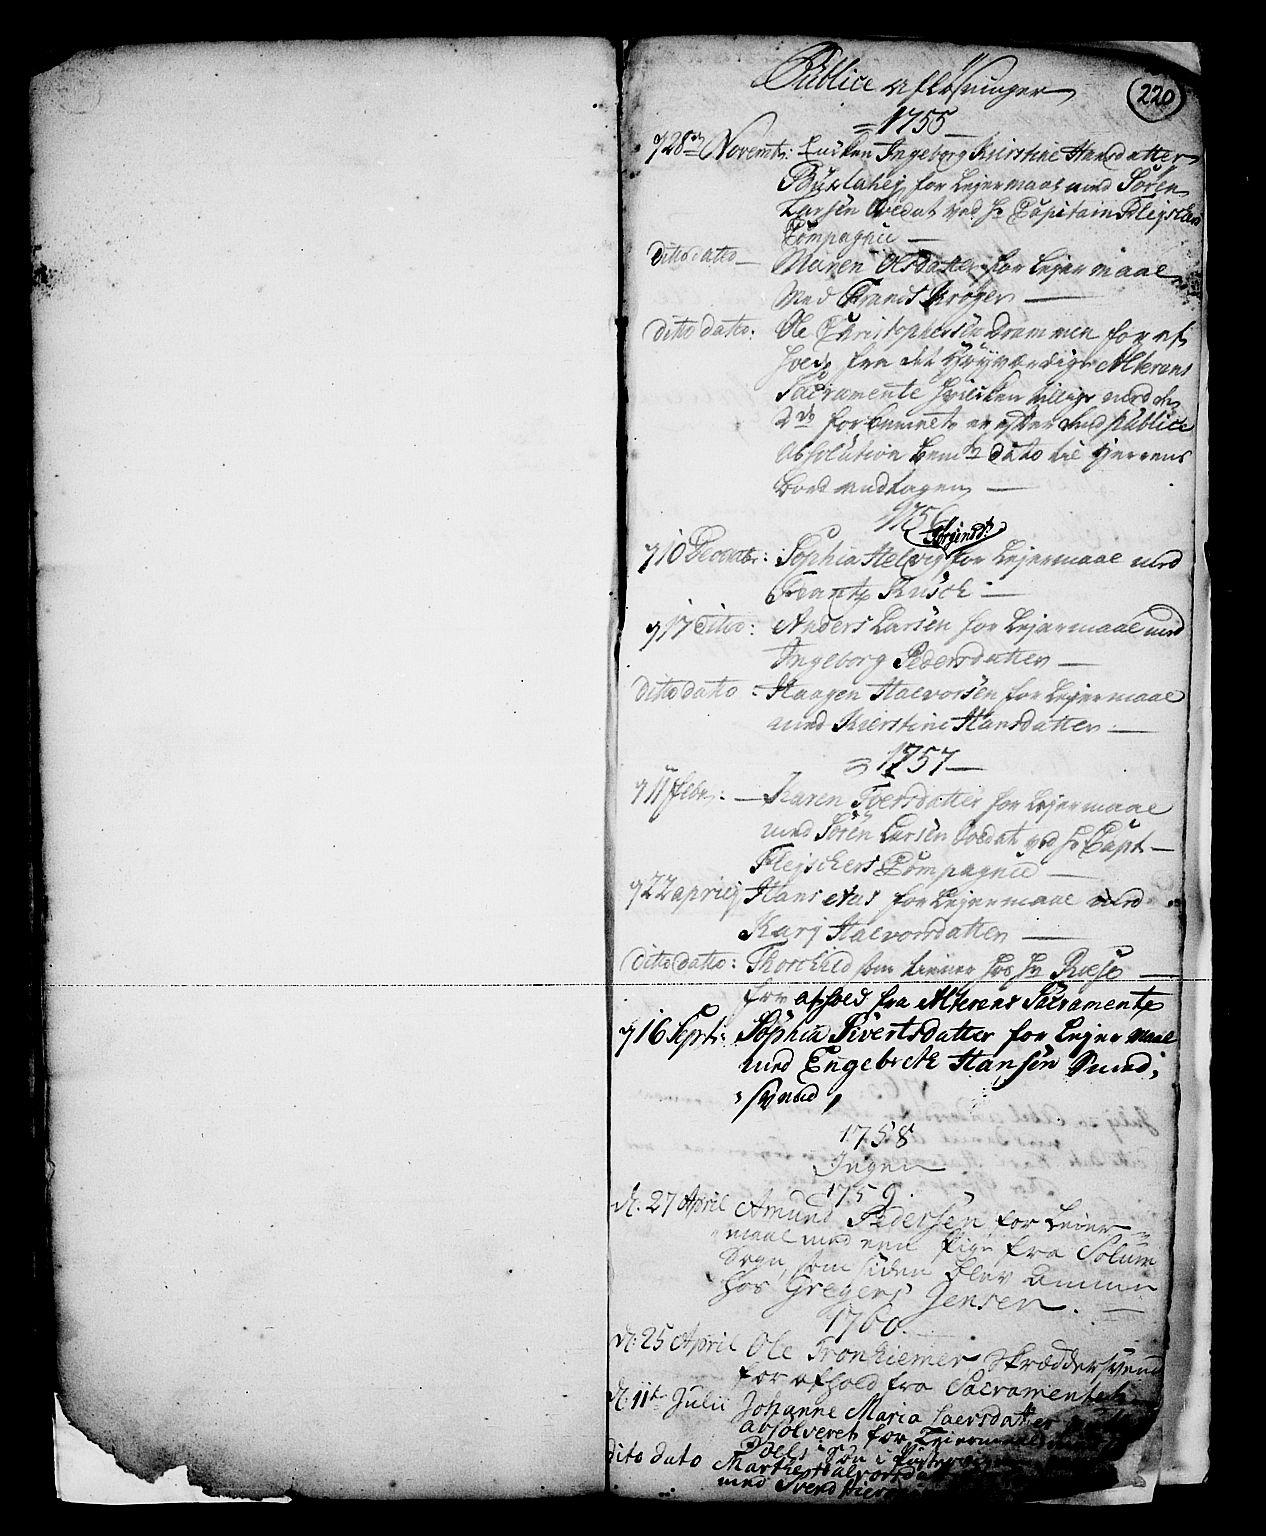 SAKO, Skien kirkebøker, G/Ga/L0001: Klokkerbok nr. 1, 1756-1791, s. 220